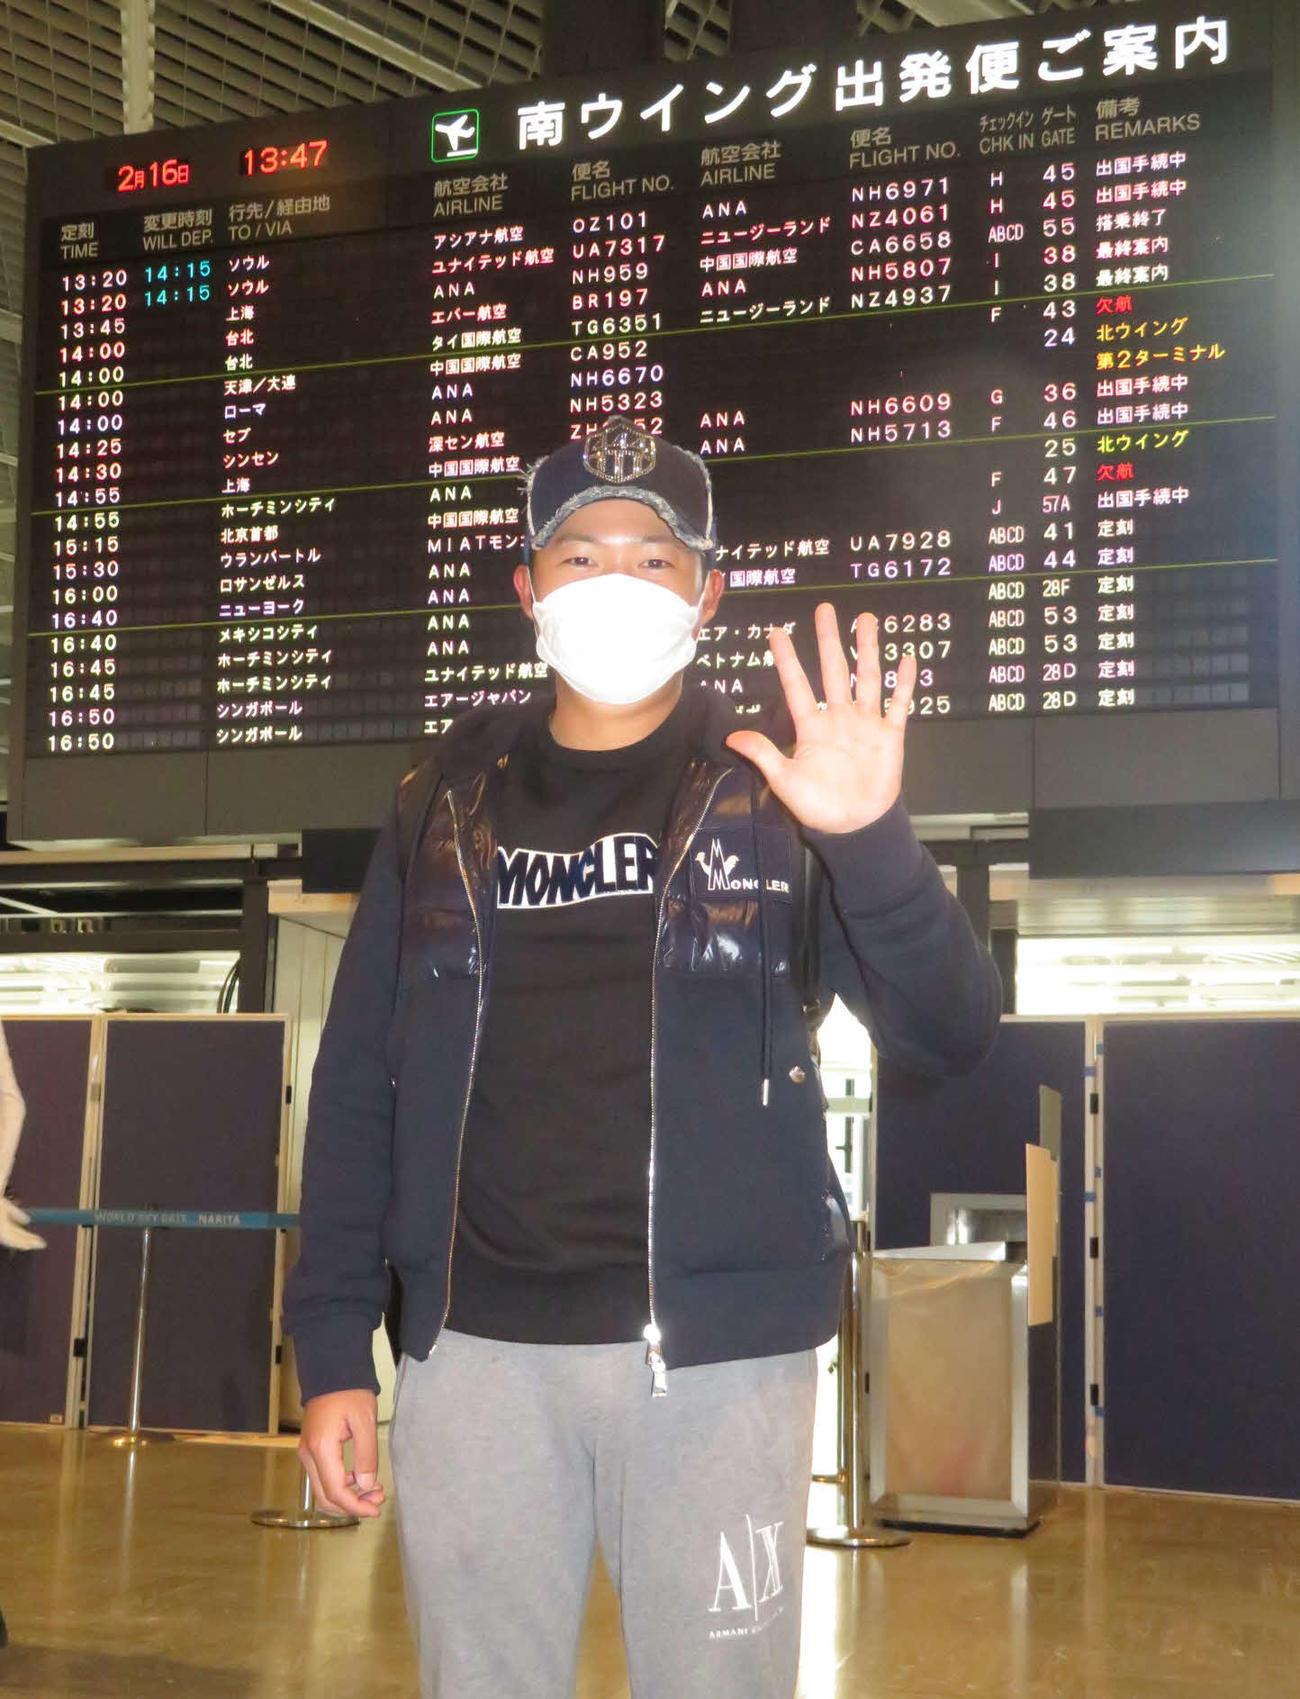 成田空港からメキシコへ出発前、マスクを着用して手を振る今平